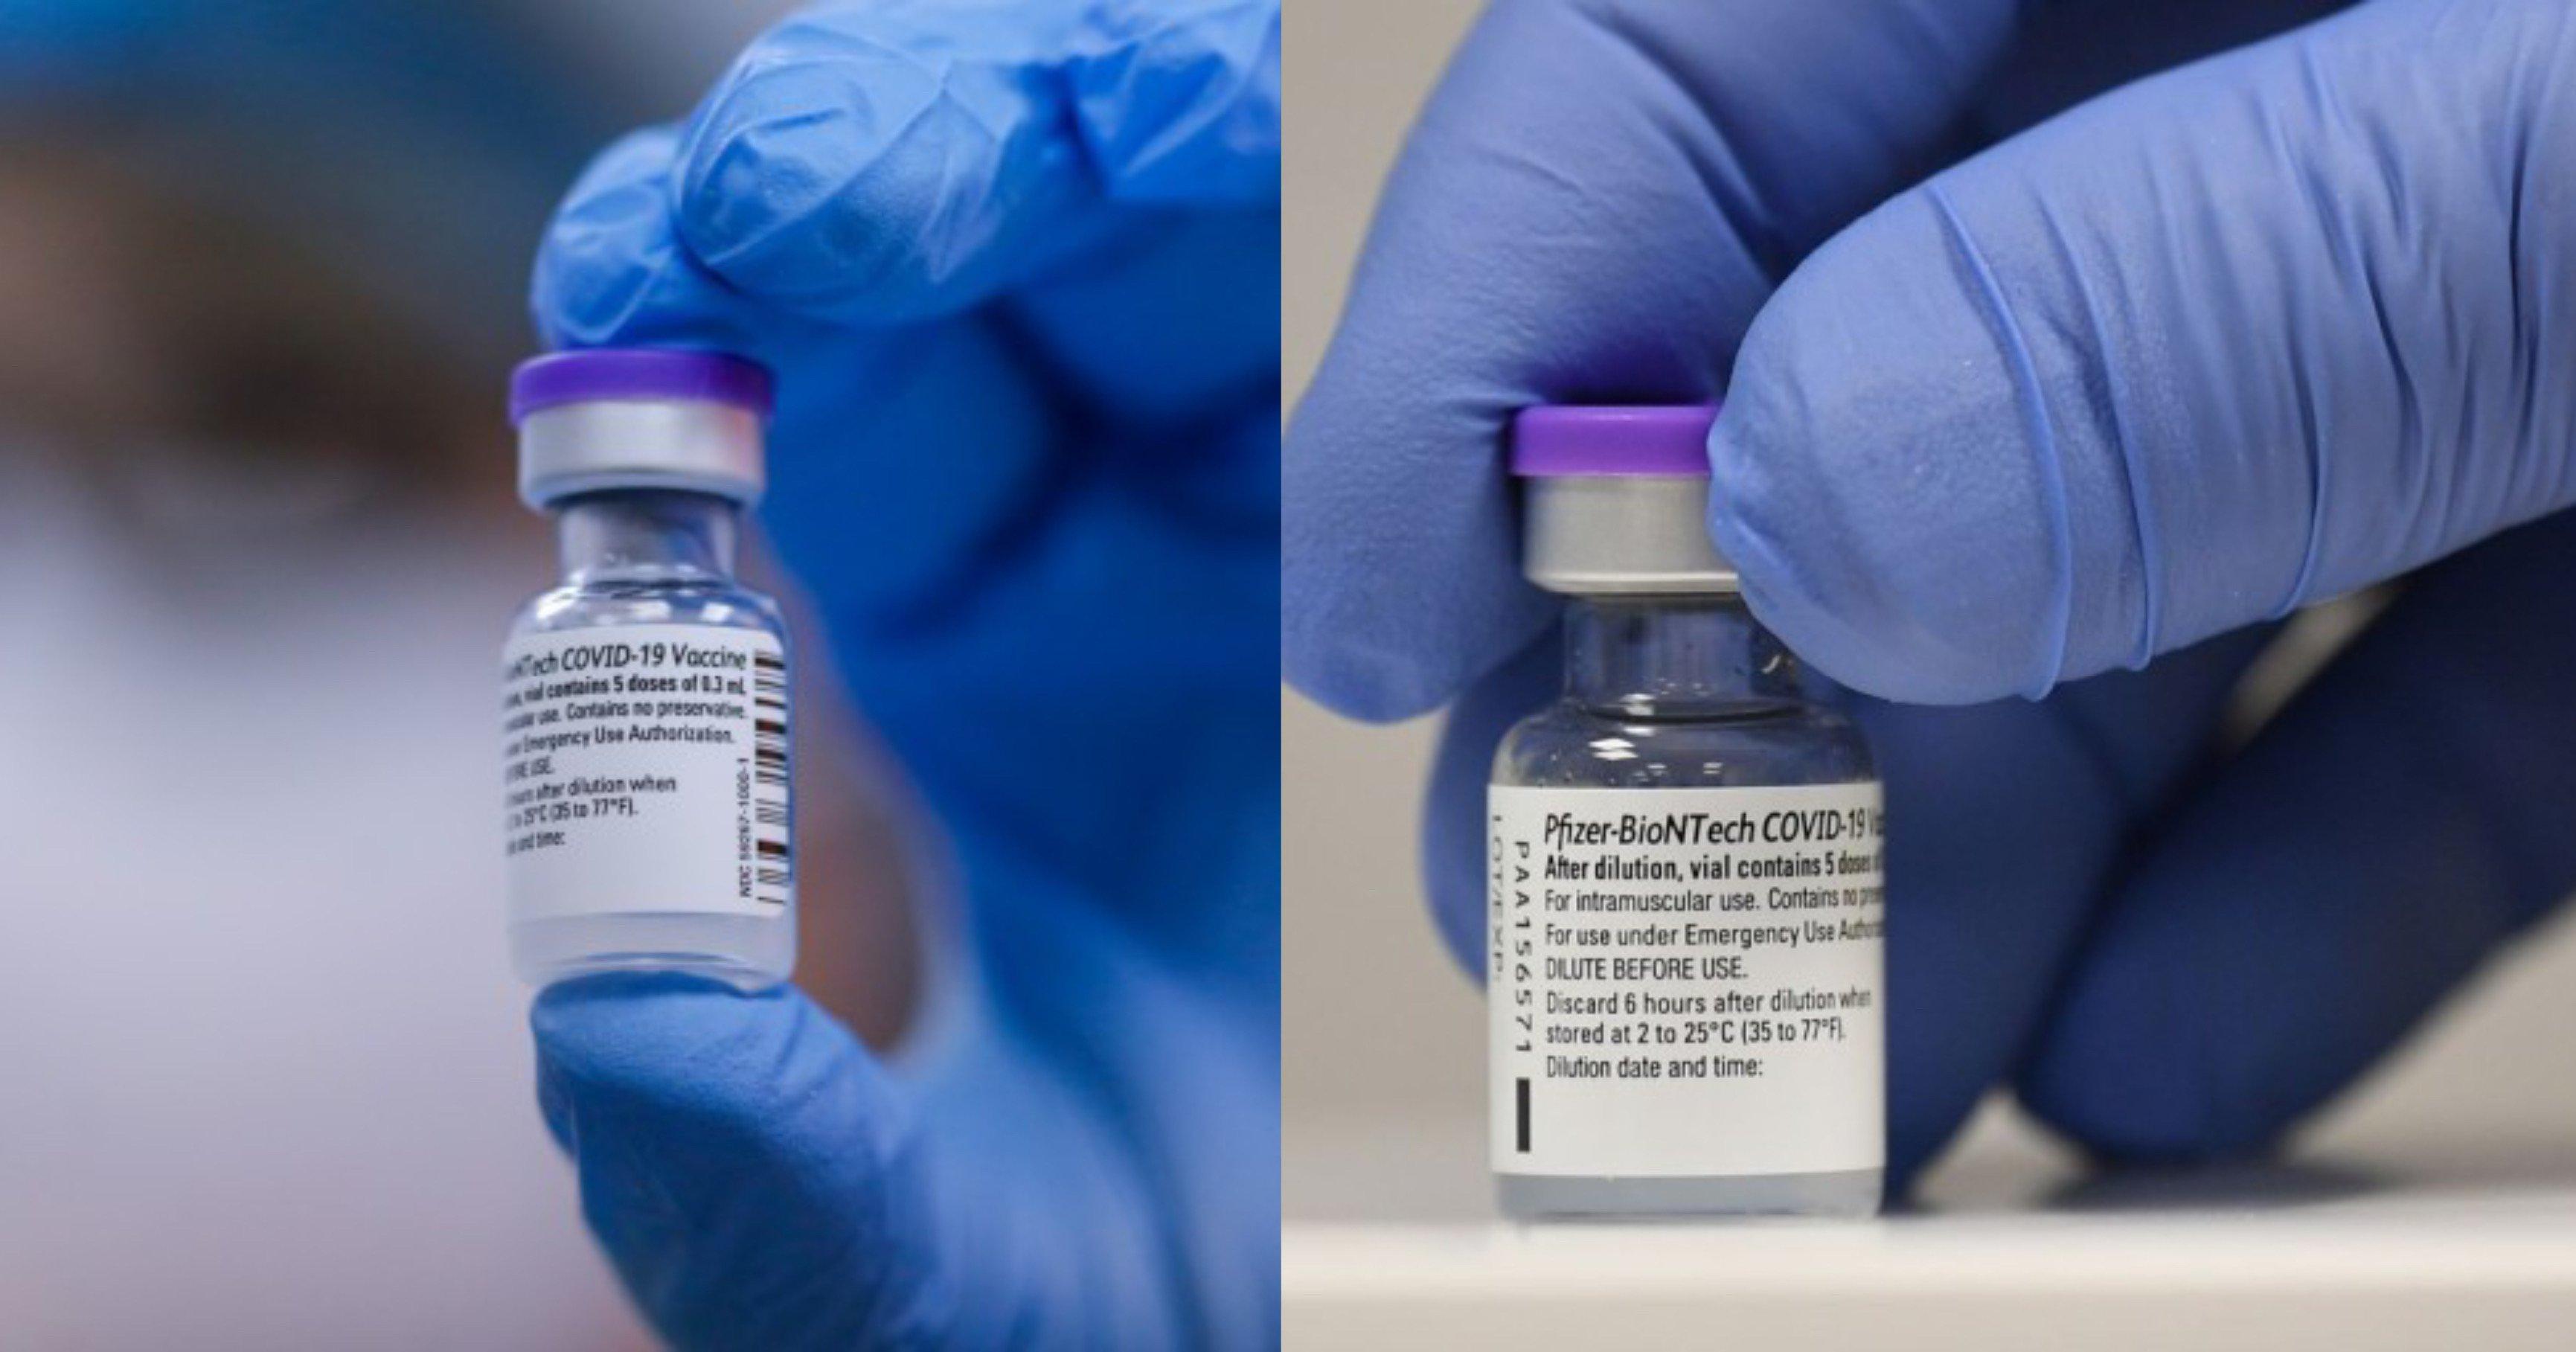 """e914471f cc5c 4c2d a57a 533d8dec505e.jpeg?resize=412,232 - """"꼭 '이 백신'을 맞으셔야 합니다""""..기생충 박사가 쉽게 알려주는 코로나 백신들의 특징과 차이점"""